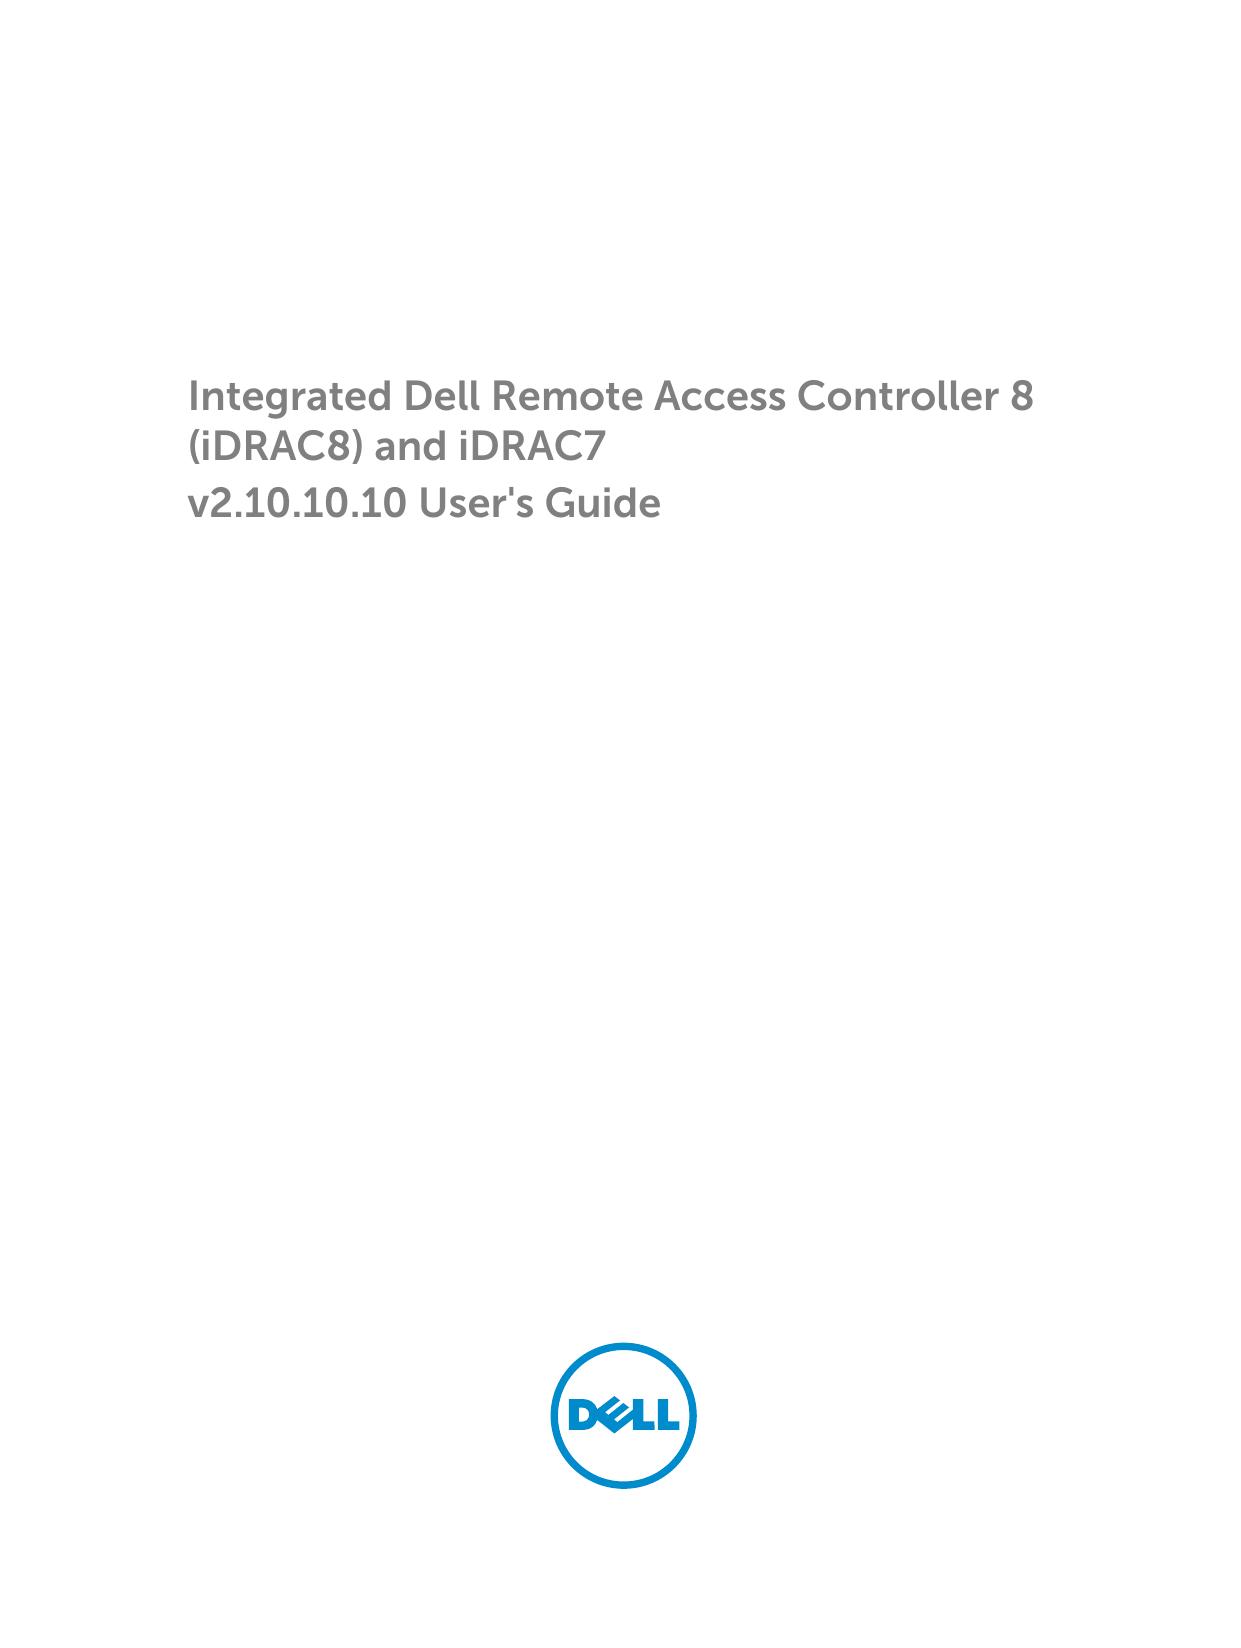 Integrated Dell Remote Access Controller 8 | manualzz com